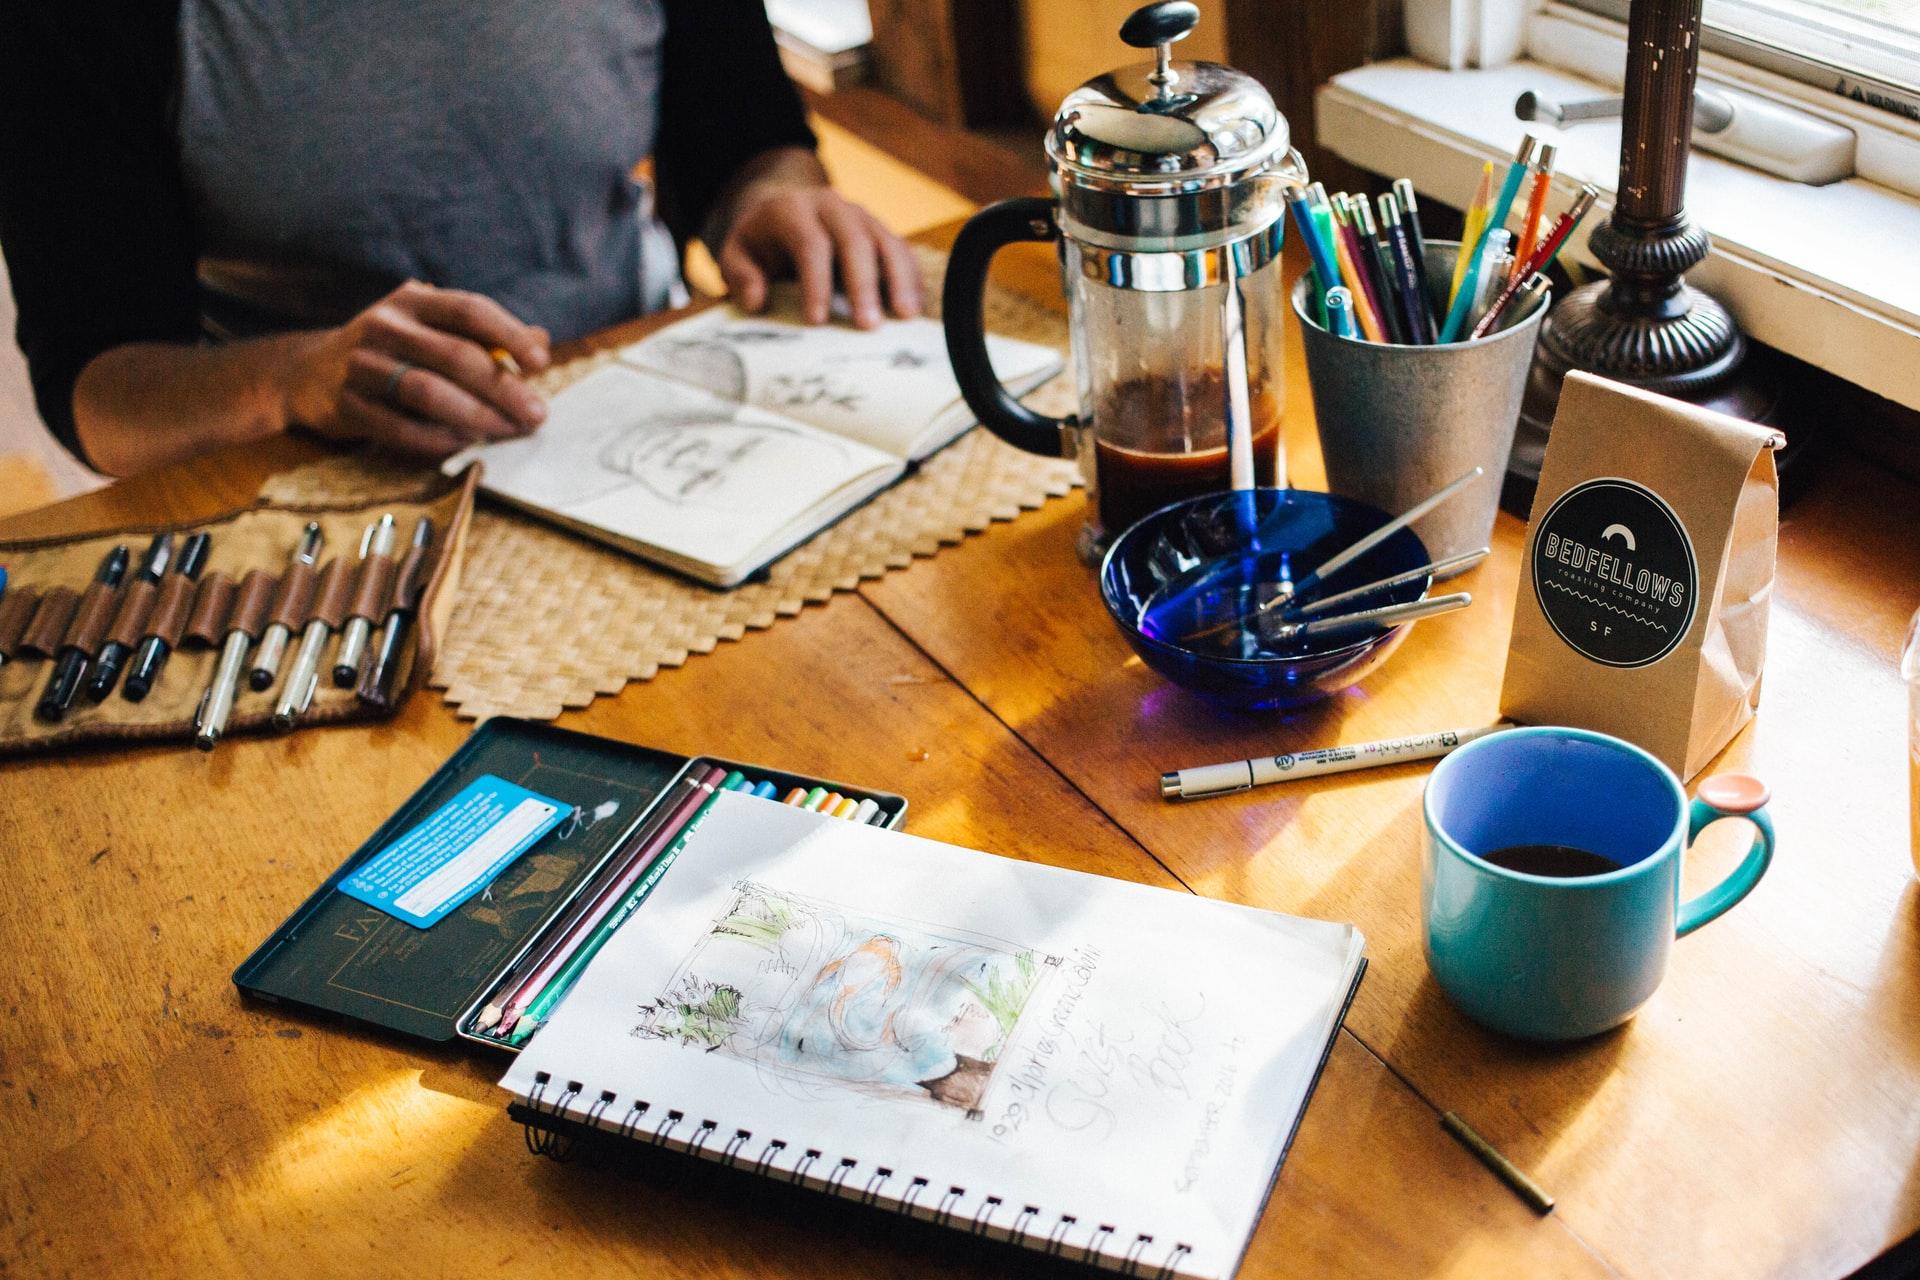 estudo na mesa com cafe